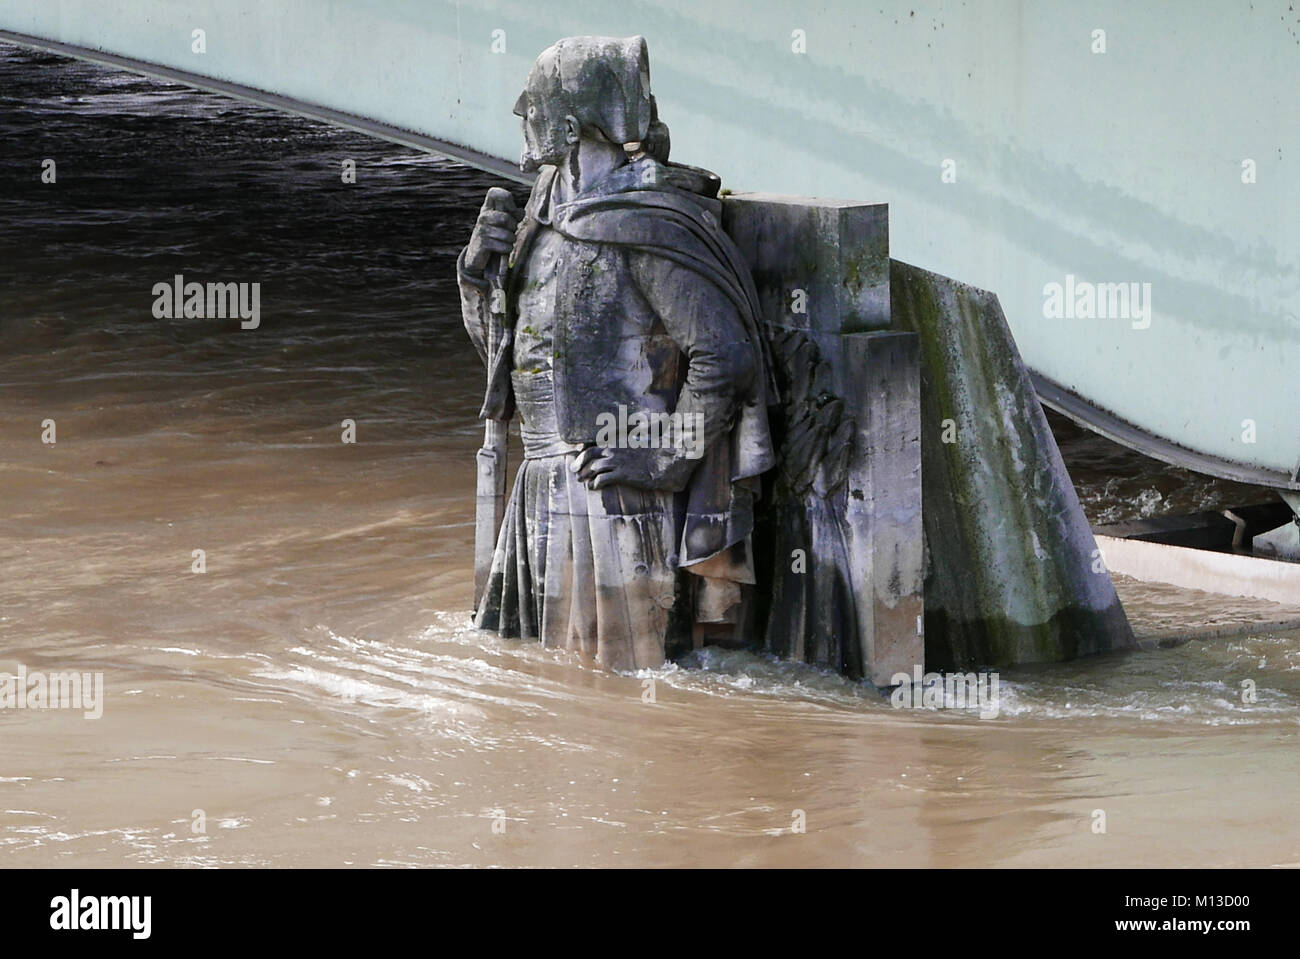 Paris, France. 25th January, 2018. Zouave du pont de l'Alma, flood of the Seine river, January 25, 2018, Paris, - Stock Image